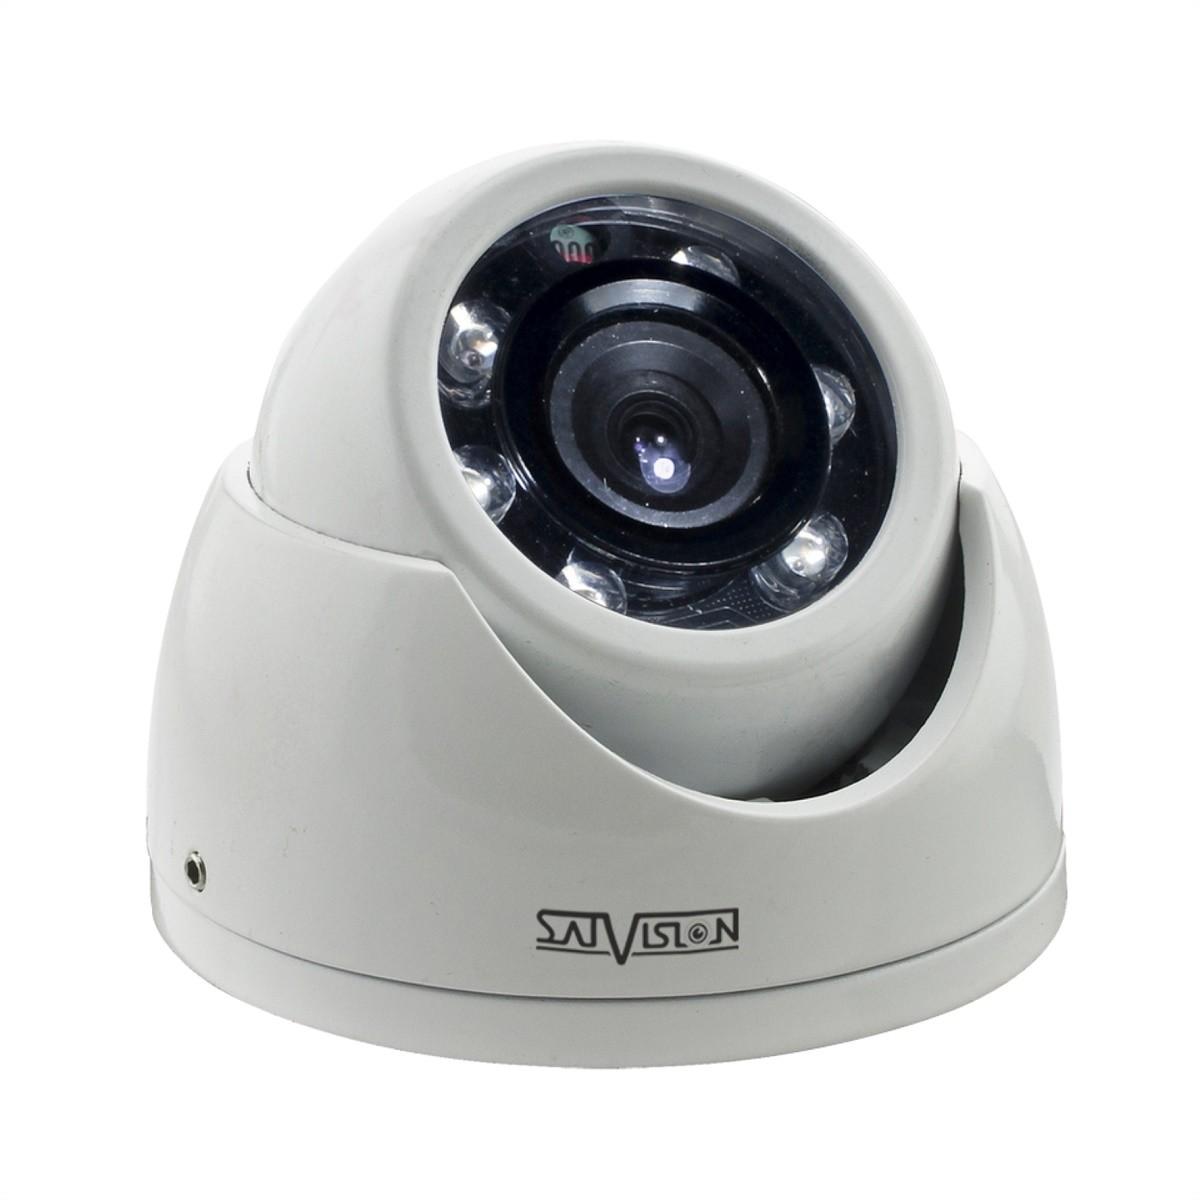 Купольная антивандальная камера Satvision SVC-D792 v3.0 2Мп 2.8мм UTC